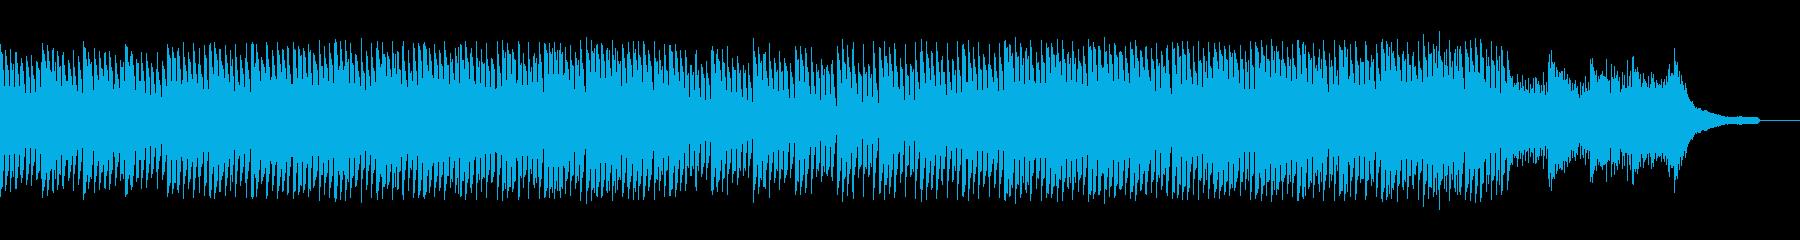 企業VP会社紹介透明感爽やか疾走感A14の再生済みの波形